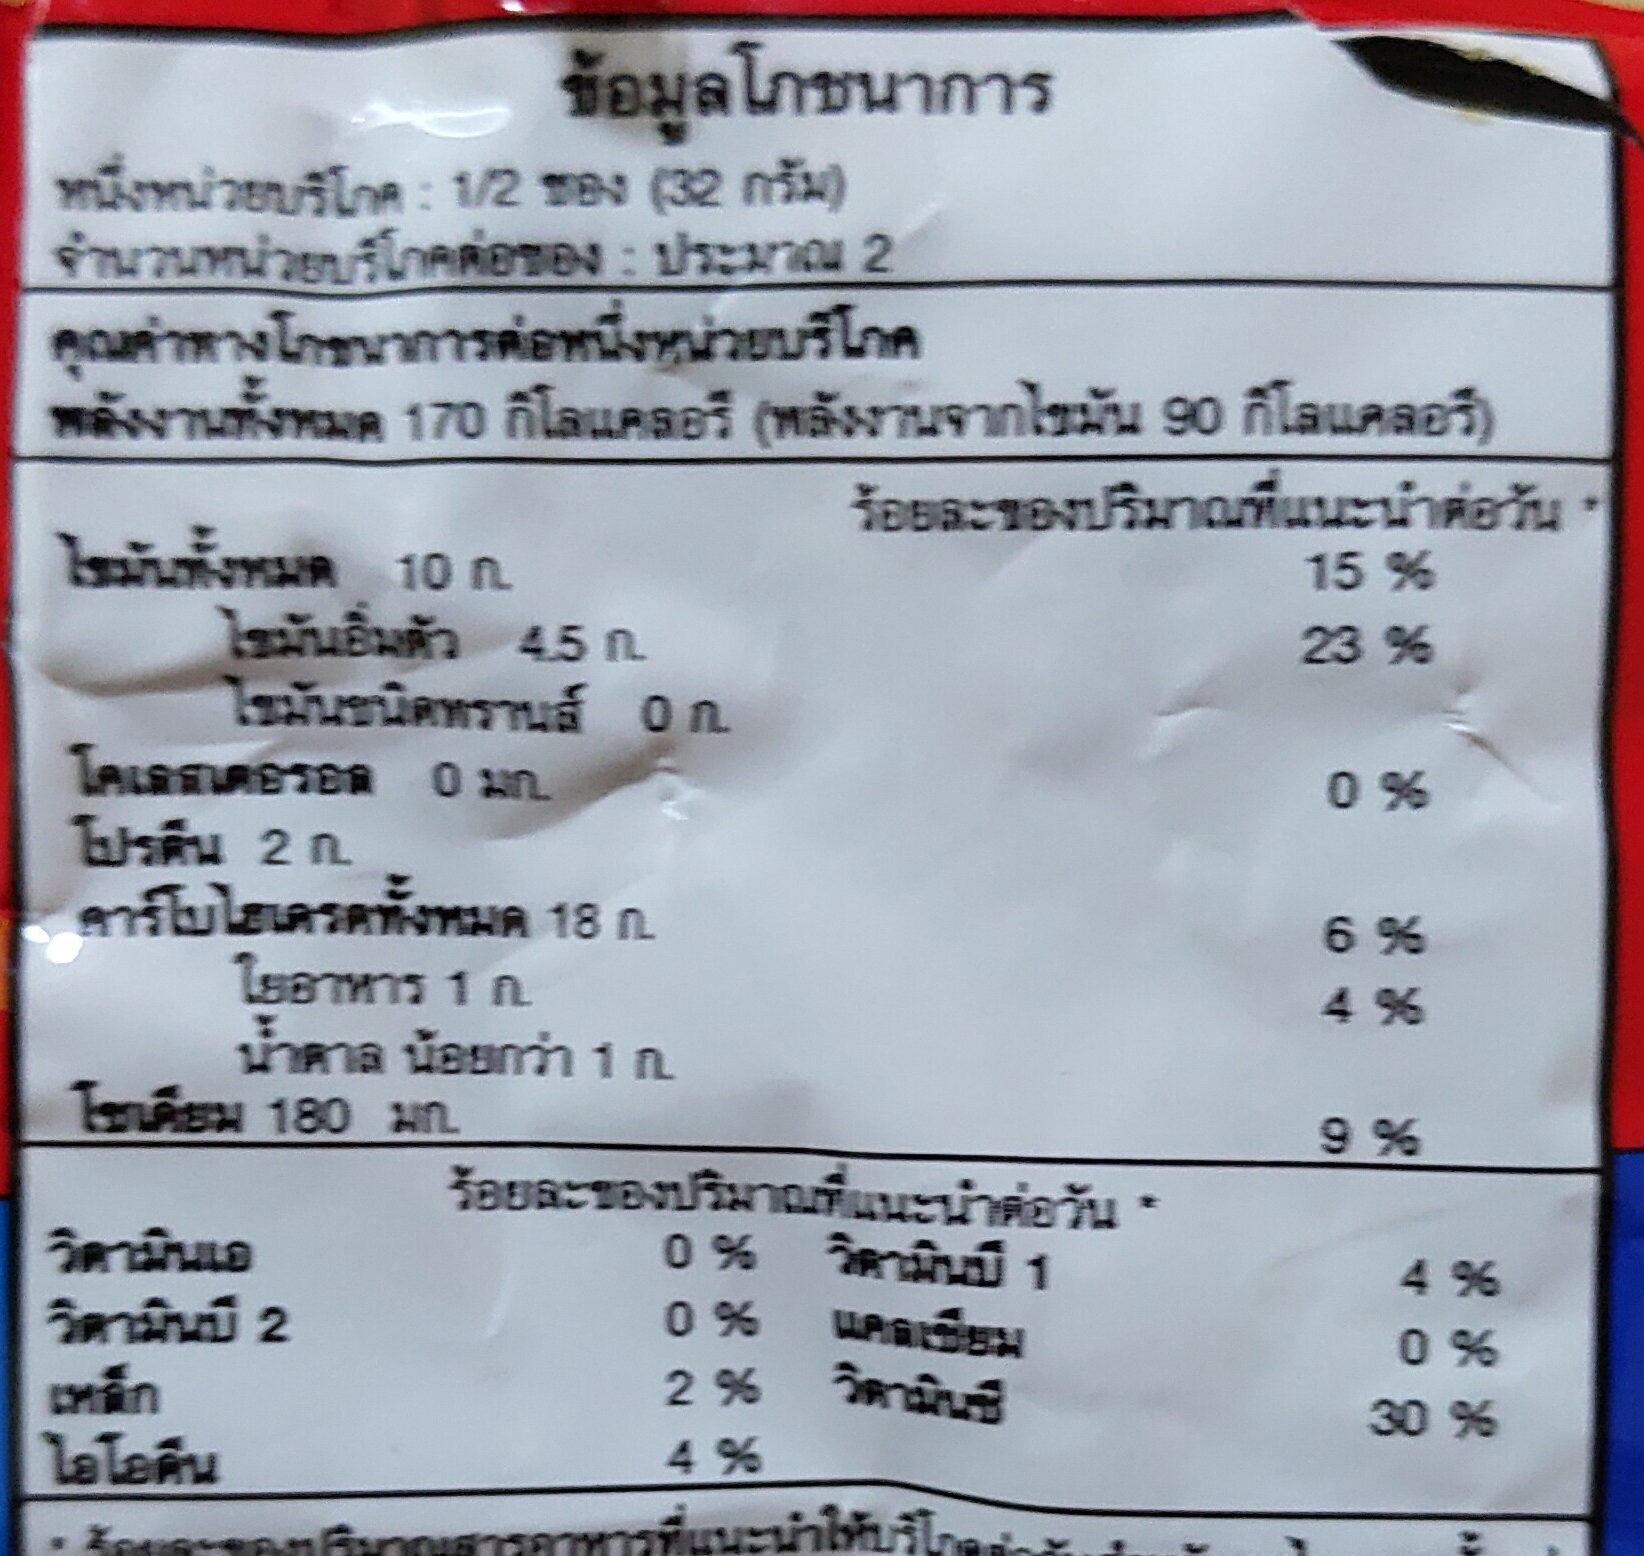 เทสโต กลิ่นปูผัดผงกะหรี่ - Nutrition facts - th